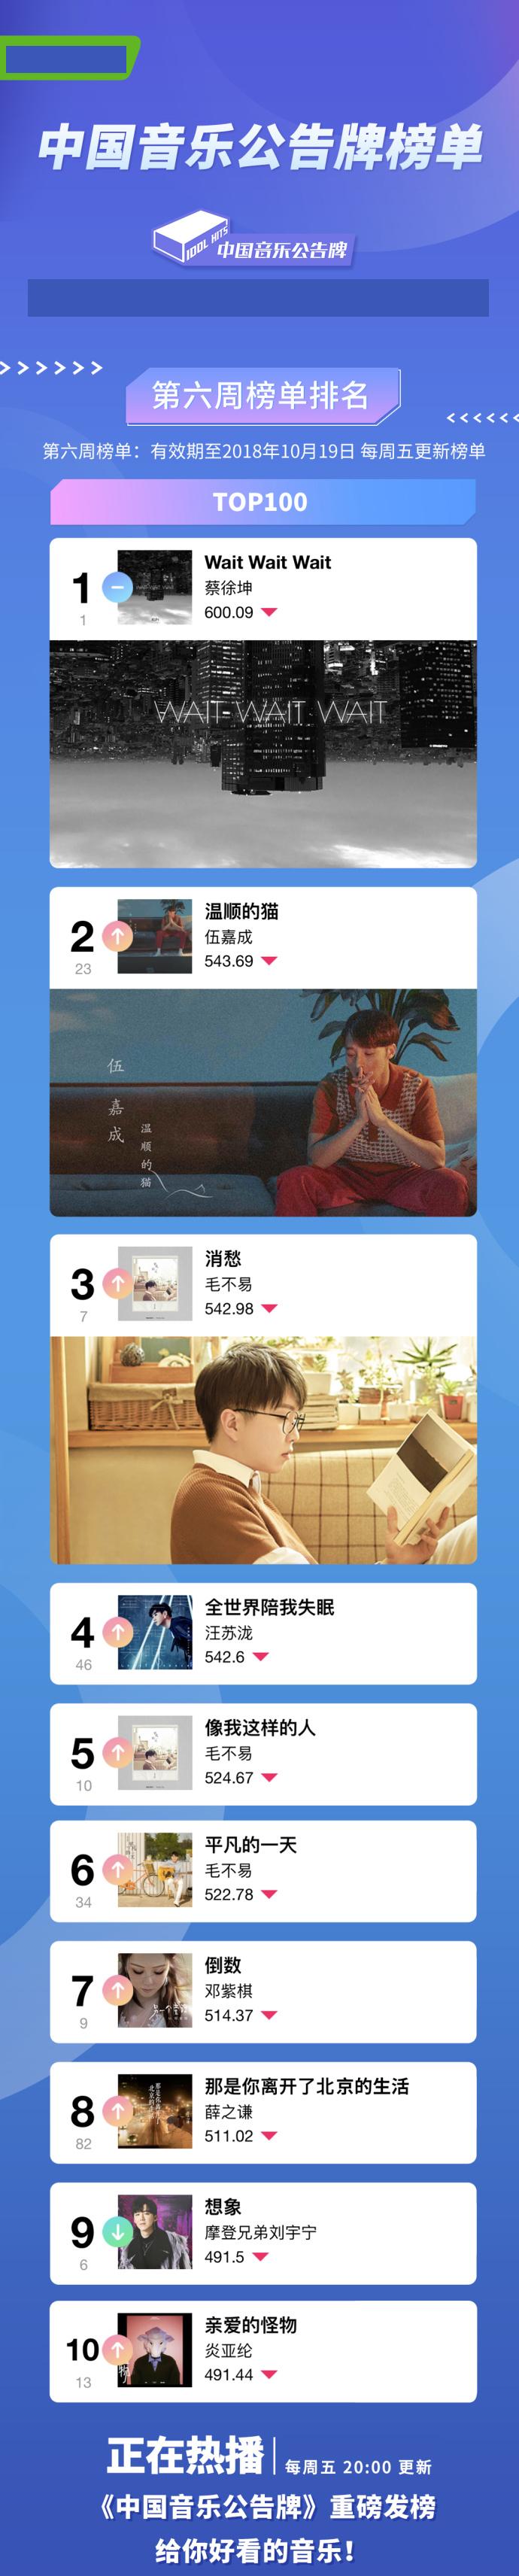 《中国音乐公告牌》蔡徐坤霸榜 毛不易三首歌曲入榜